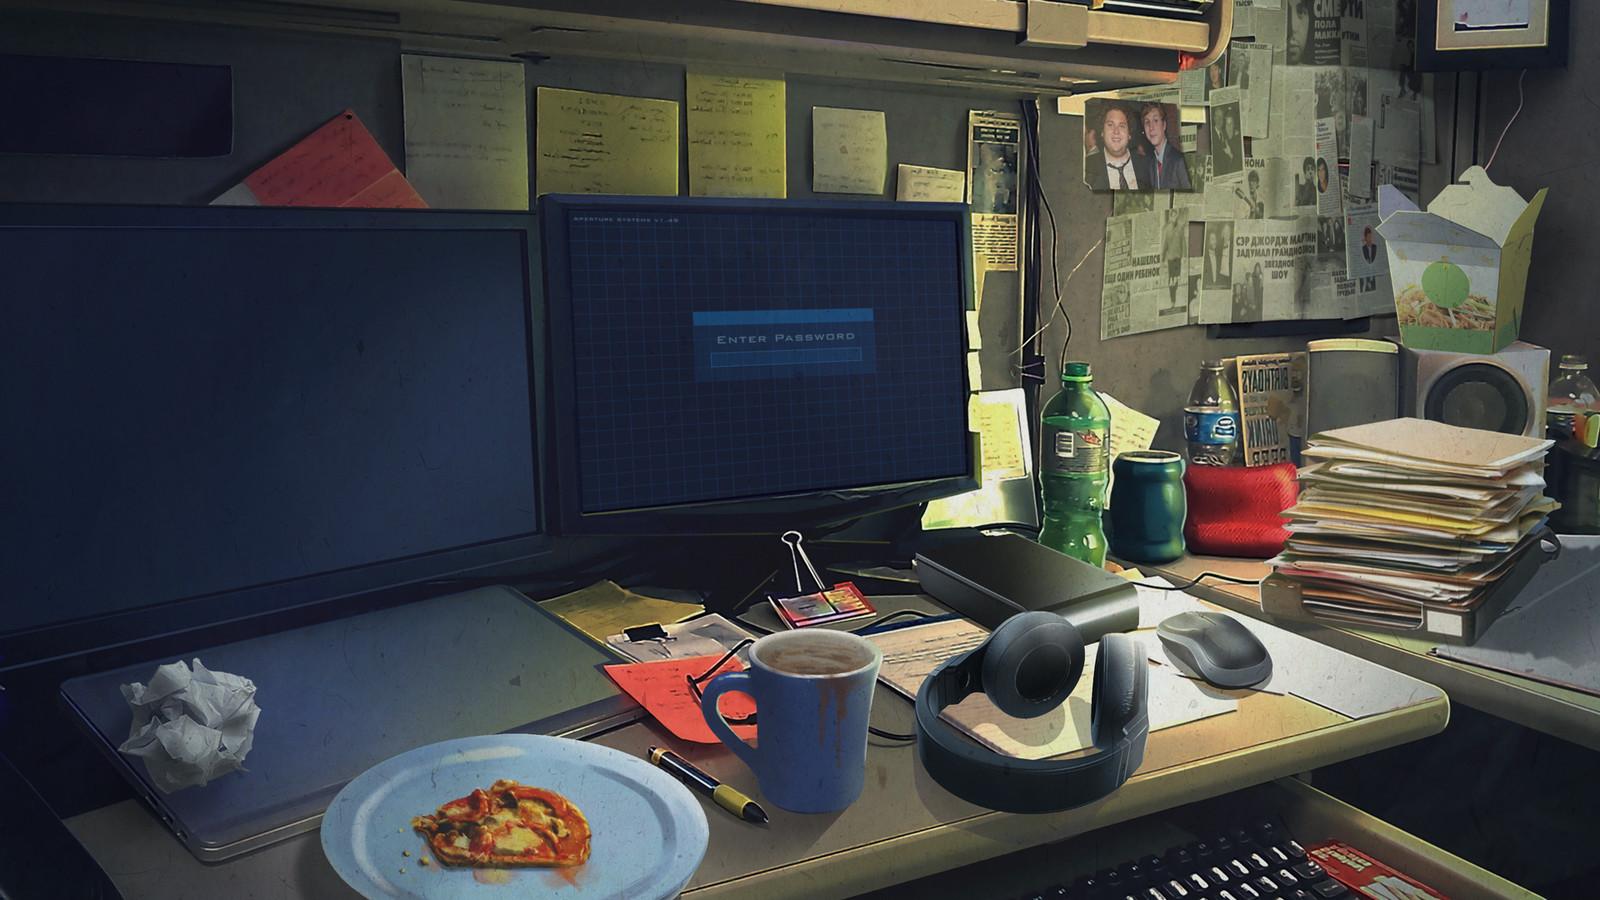 Scene 6 - PC place